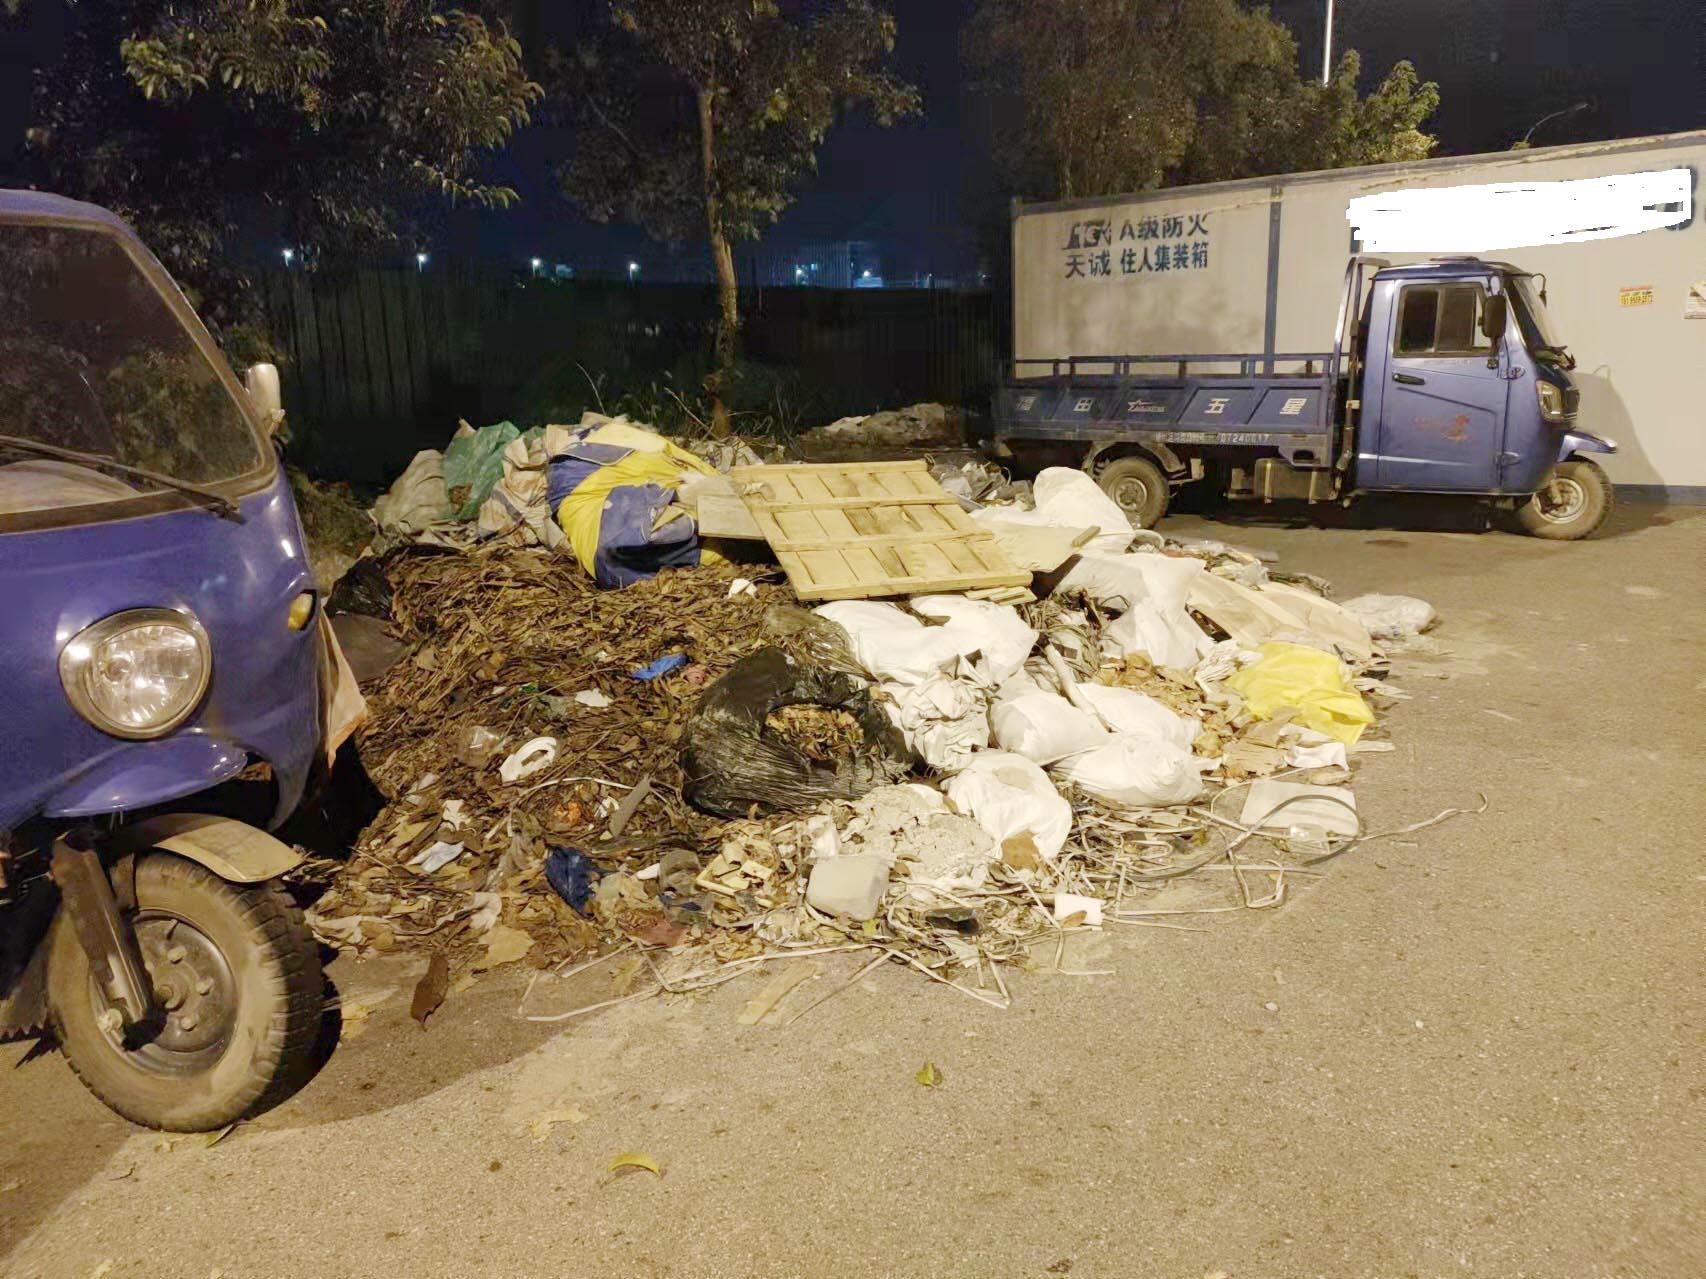 施井公园外有个垃圾堆曲江街道将安排人员清理